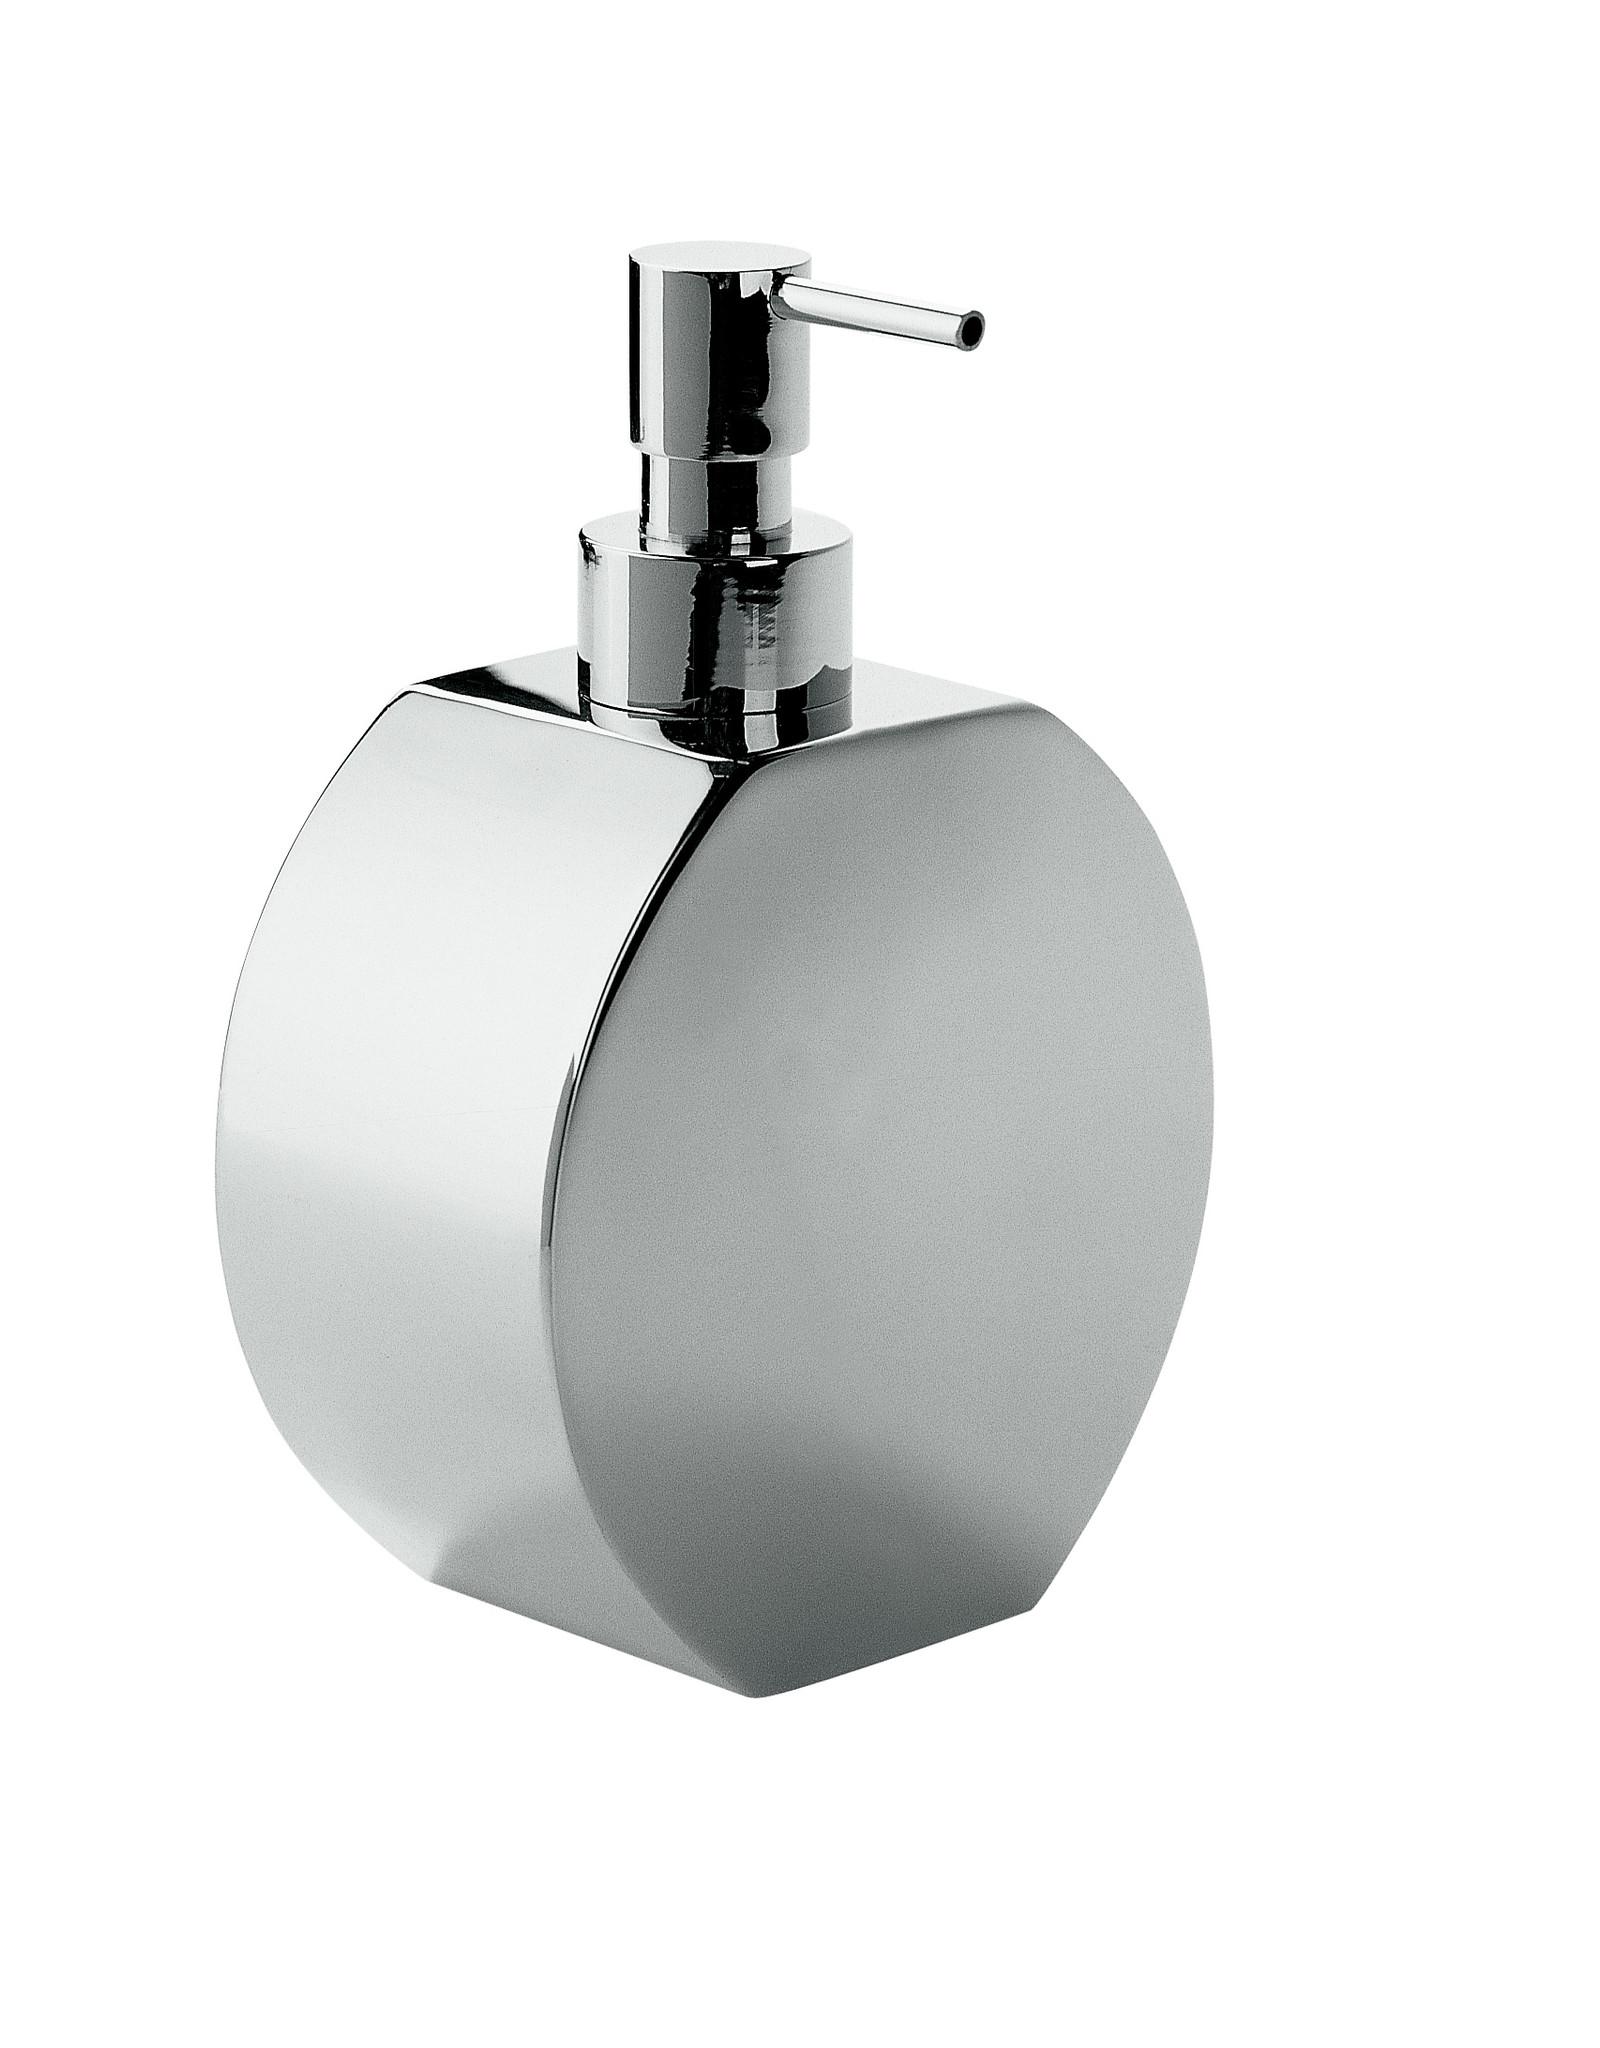 Saon zeepdispenser 17cm, staand model - uitverkoop